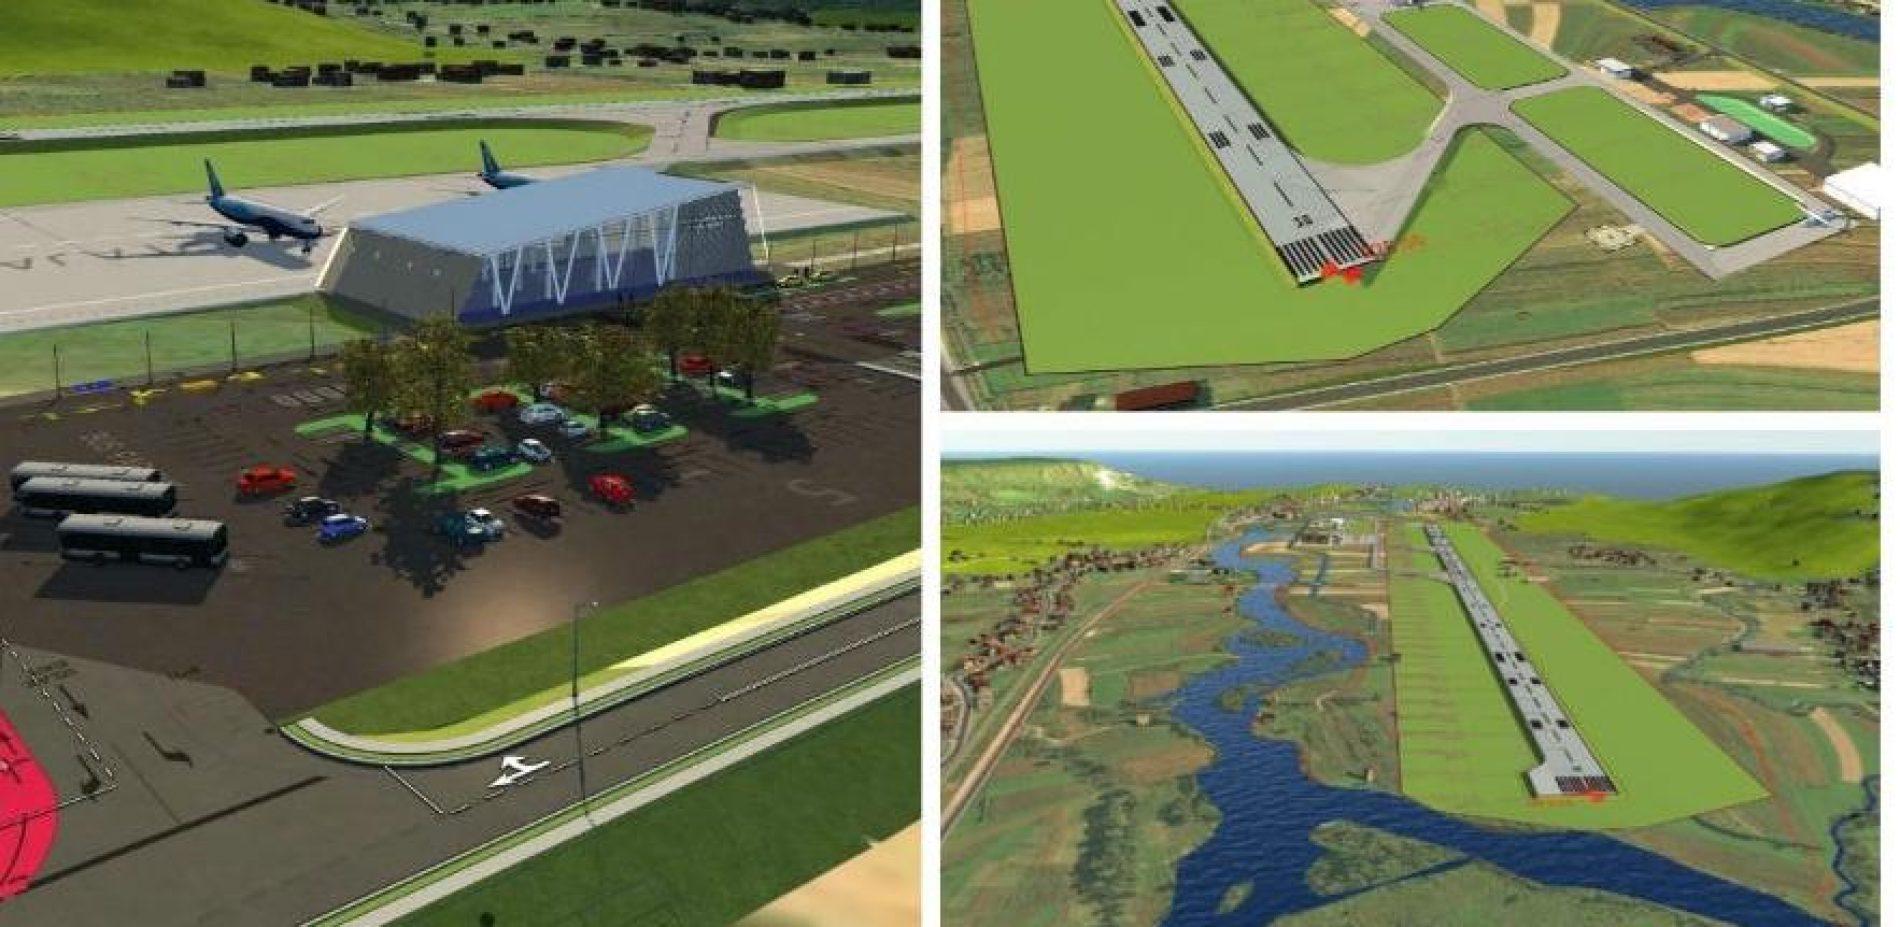 Uskoro gradnja testno -poletne staze na Aerodromu Bihać